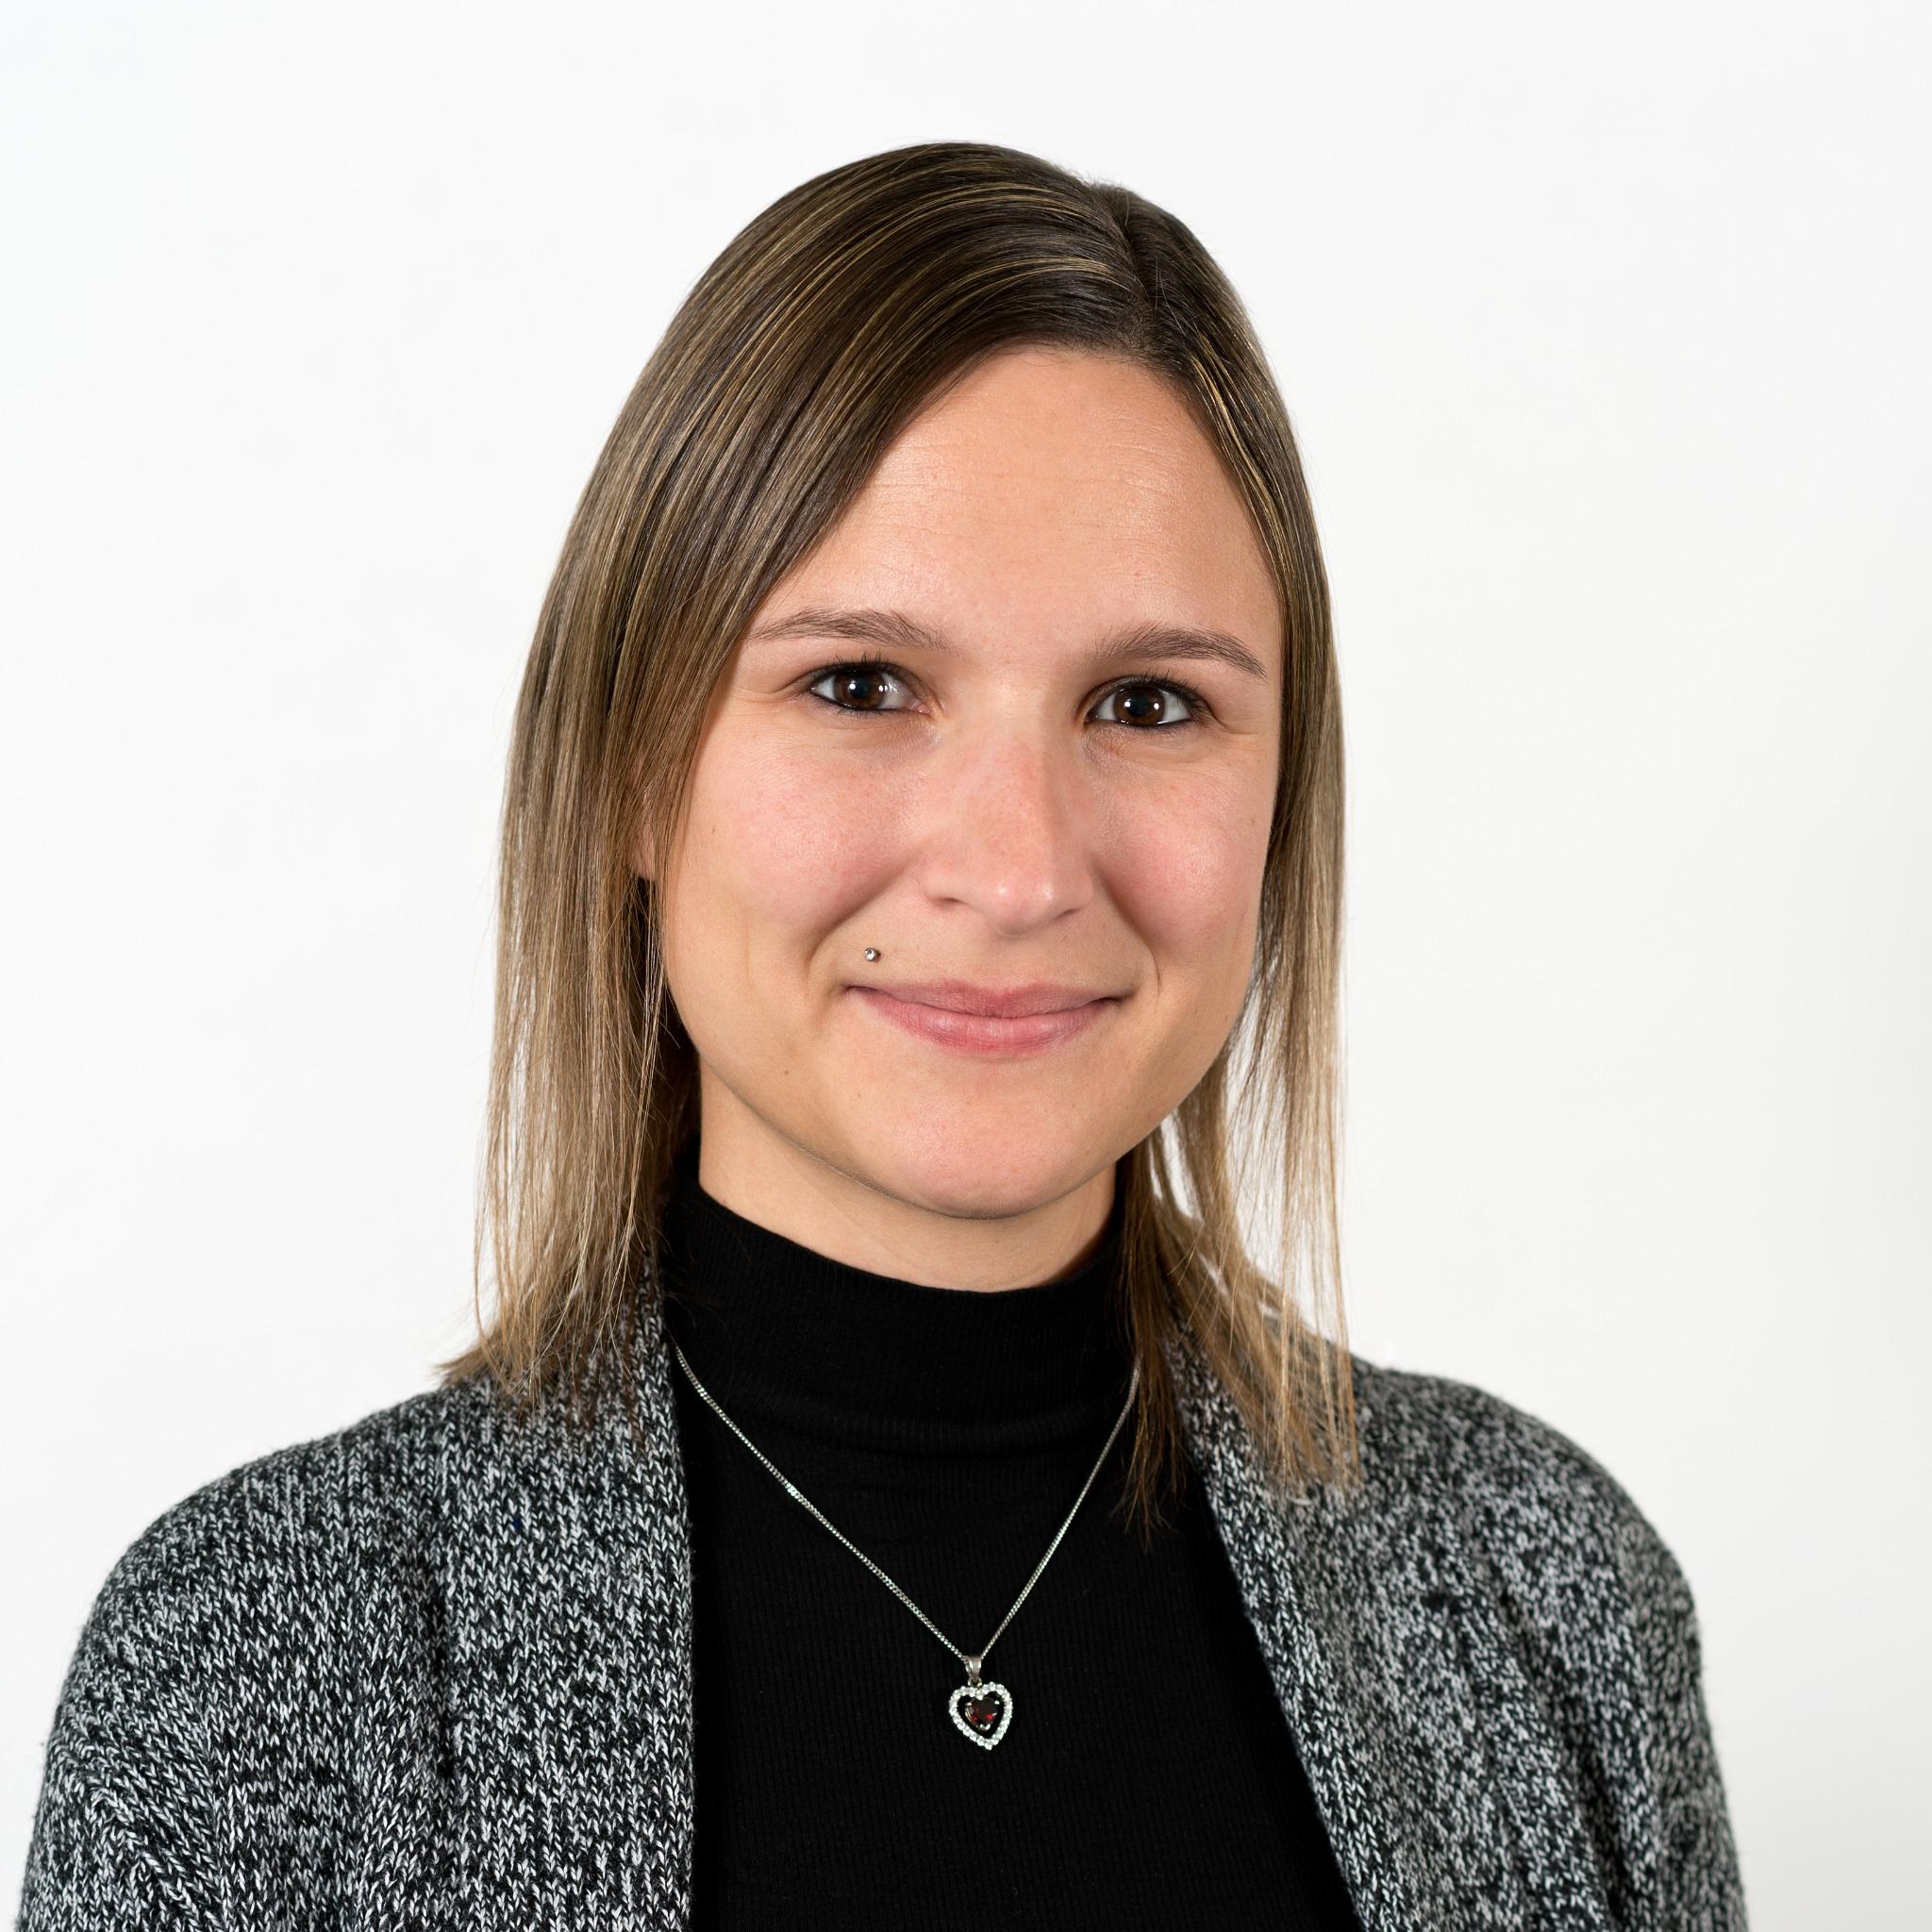 Corinne Becker-Widmer